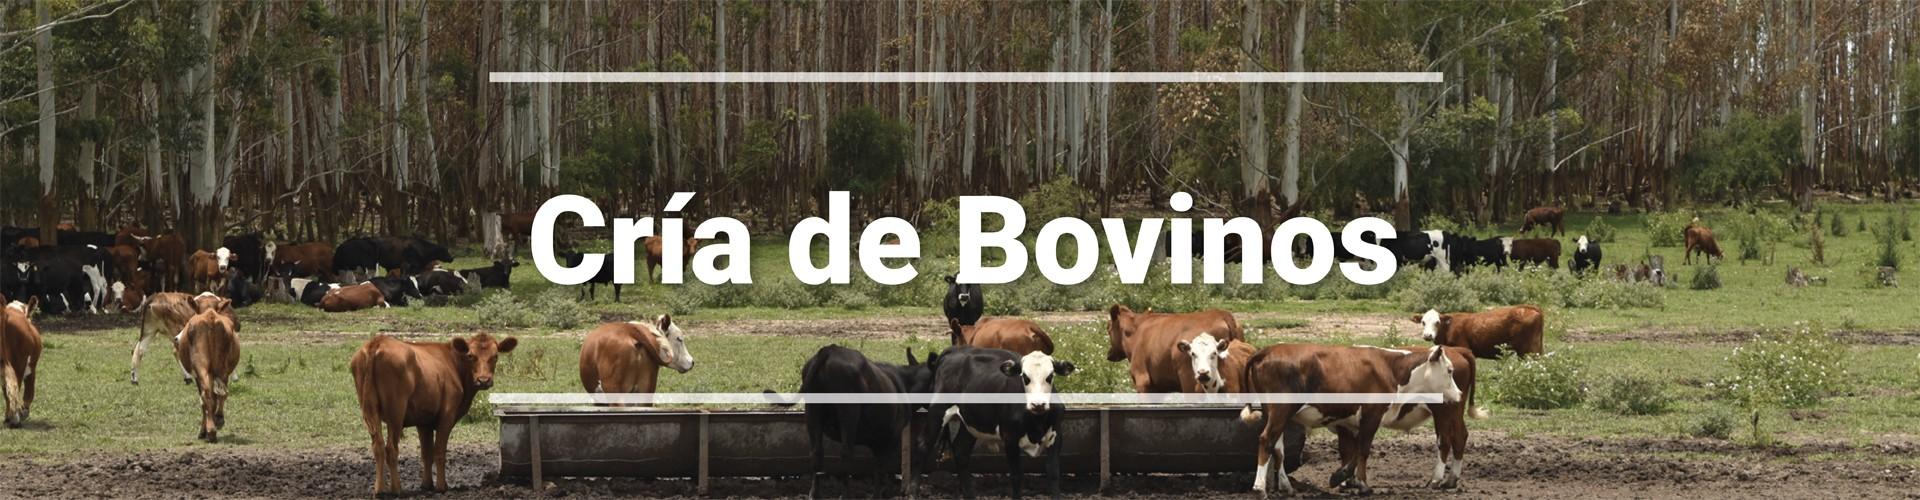 Cría de Bovinos 1920 x 500-fadel-header